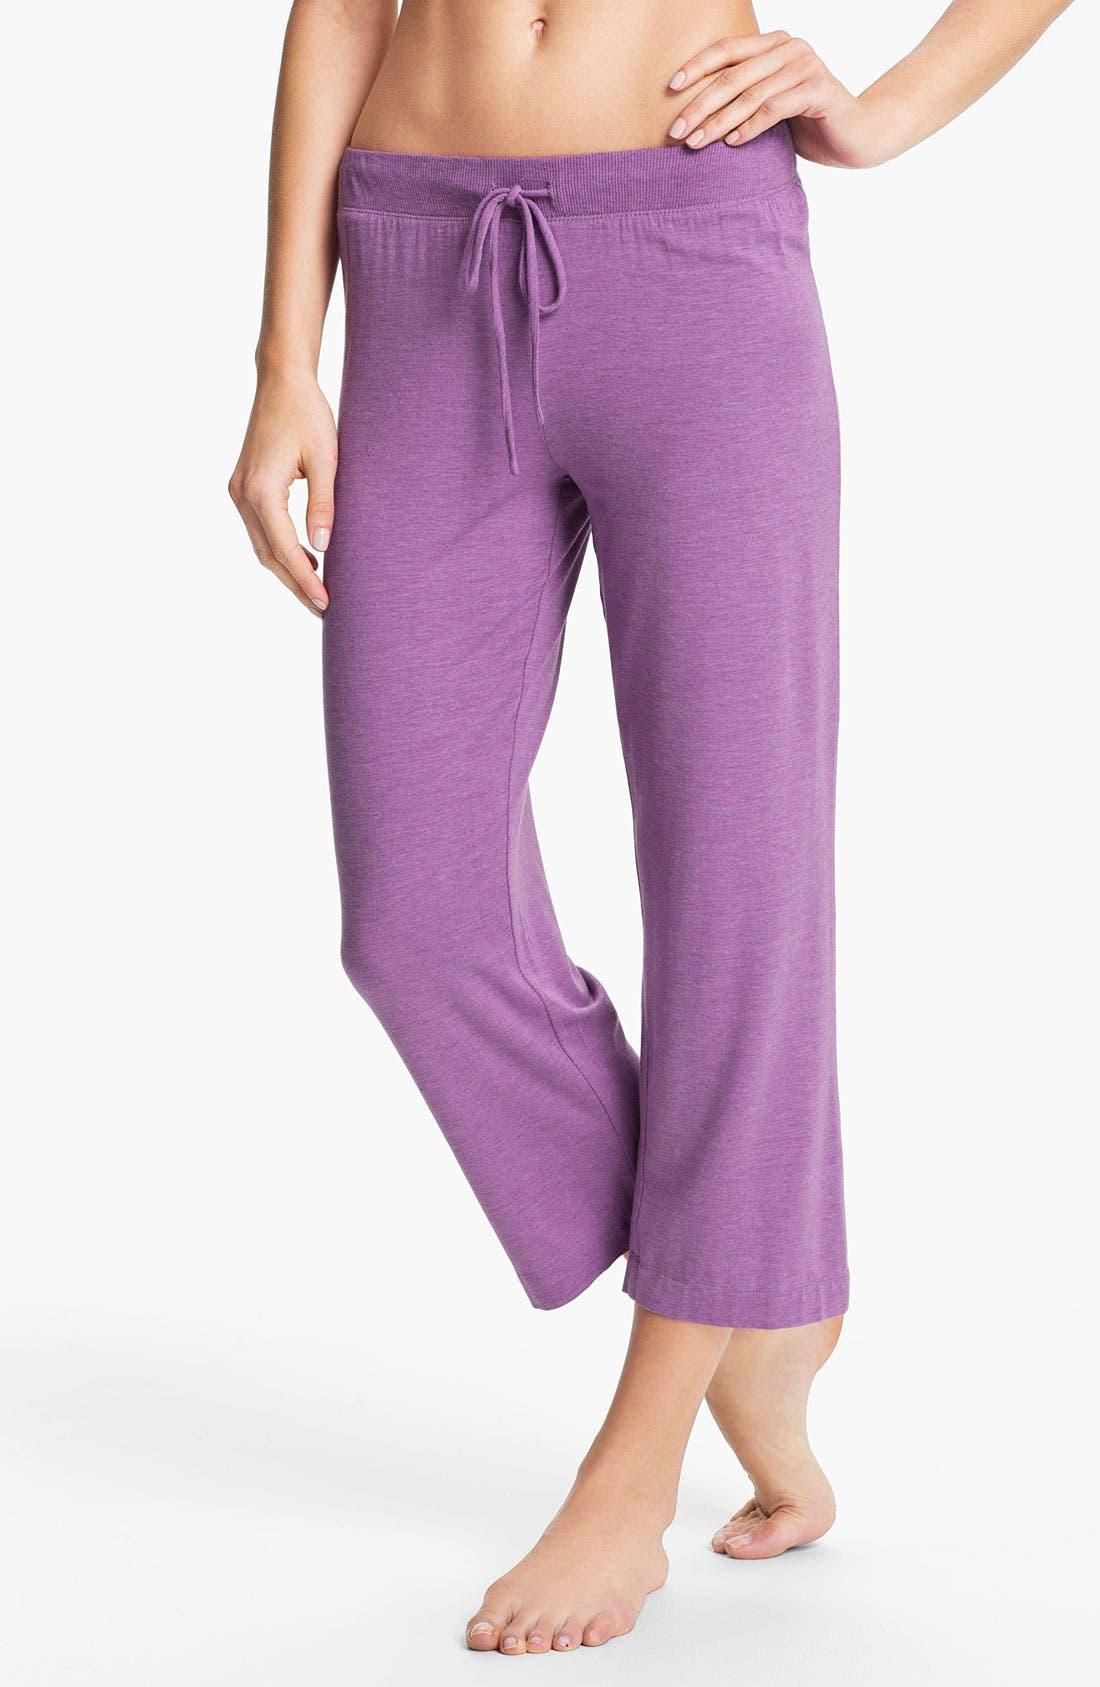 Main Image - DKNY '7 Easy Pieces' Capri Pants